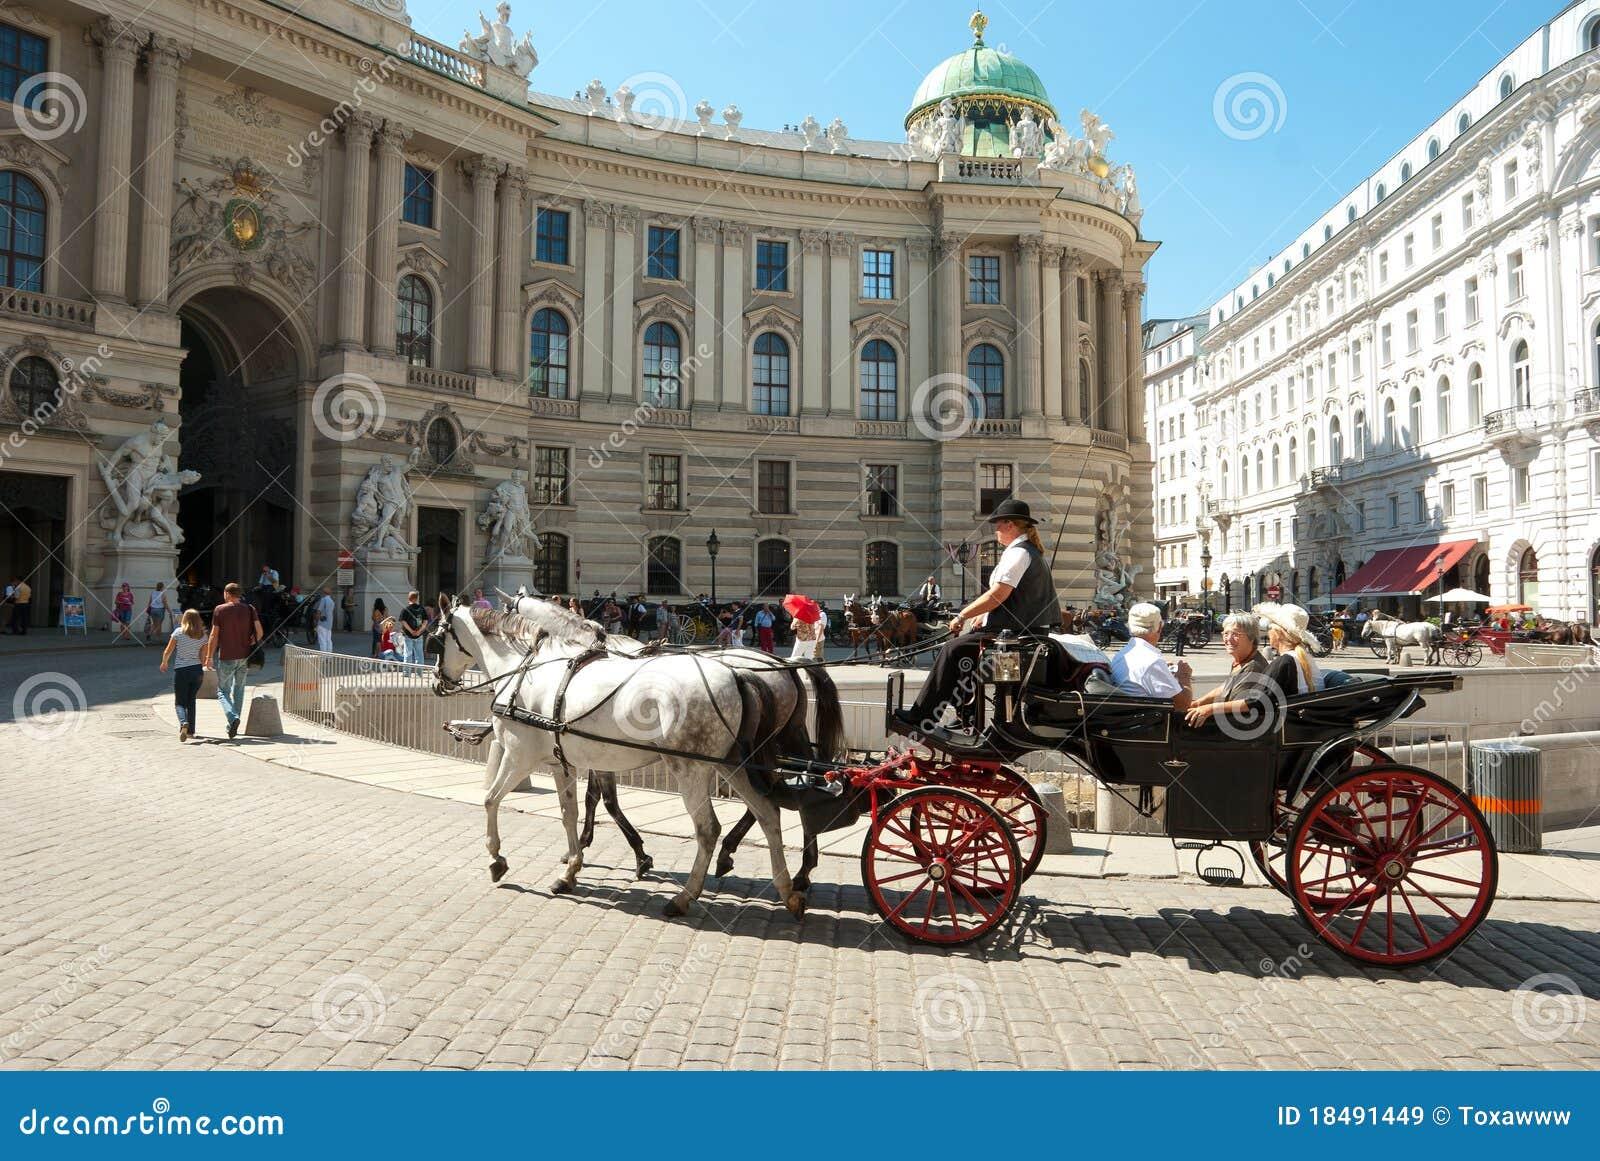 Tourists in Vienna